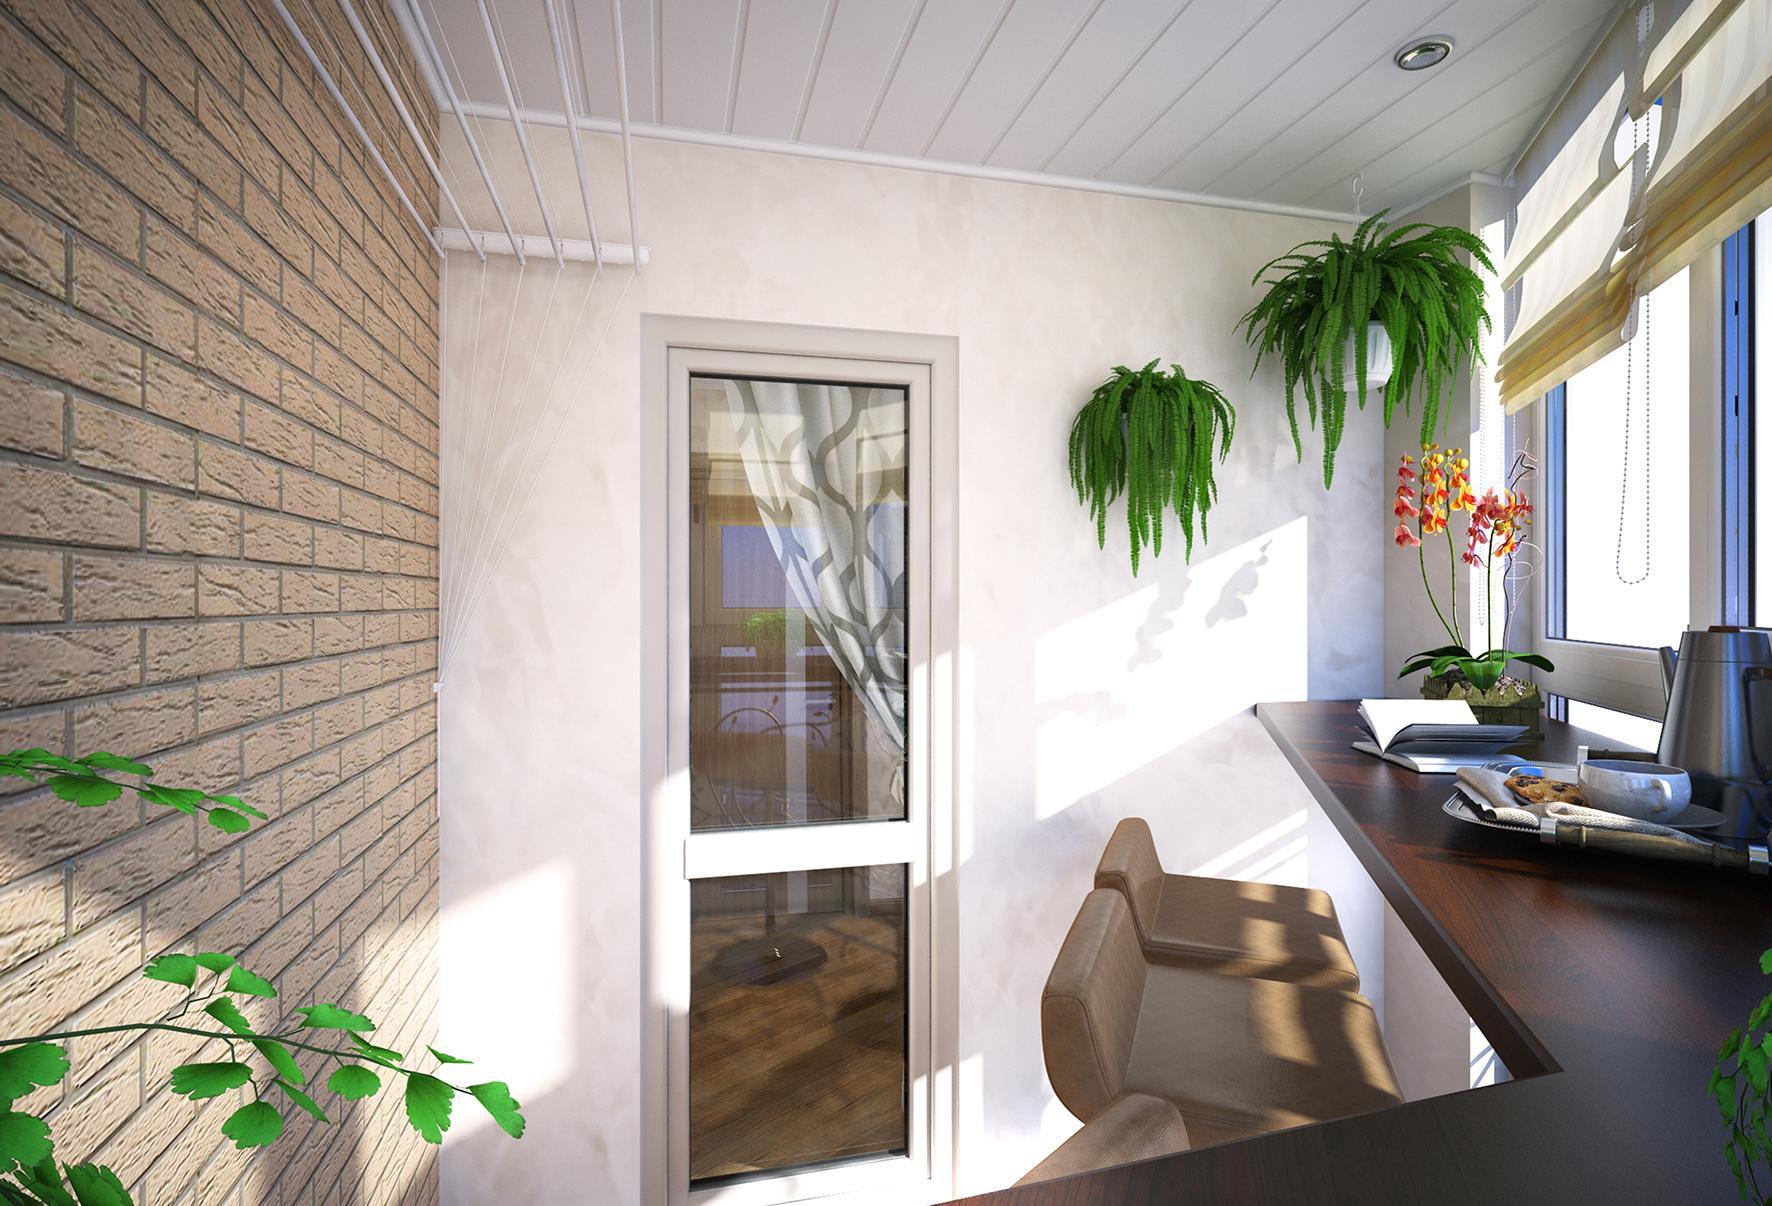 Такой балкон можно использовать и для работы, и для общения